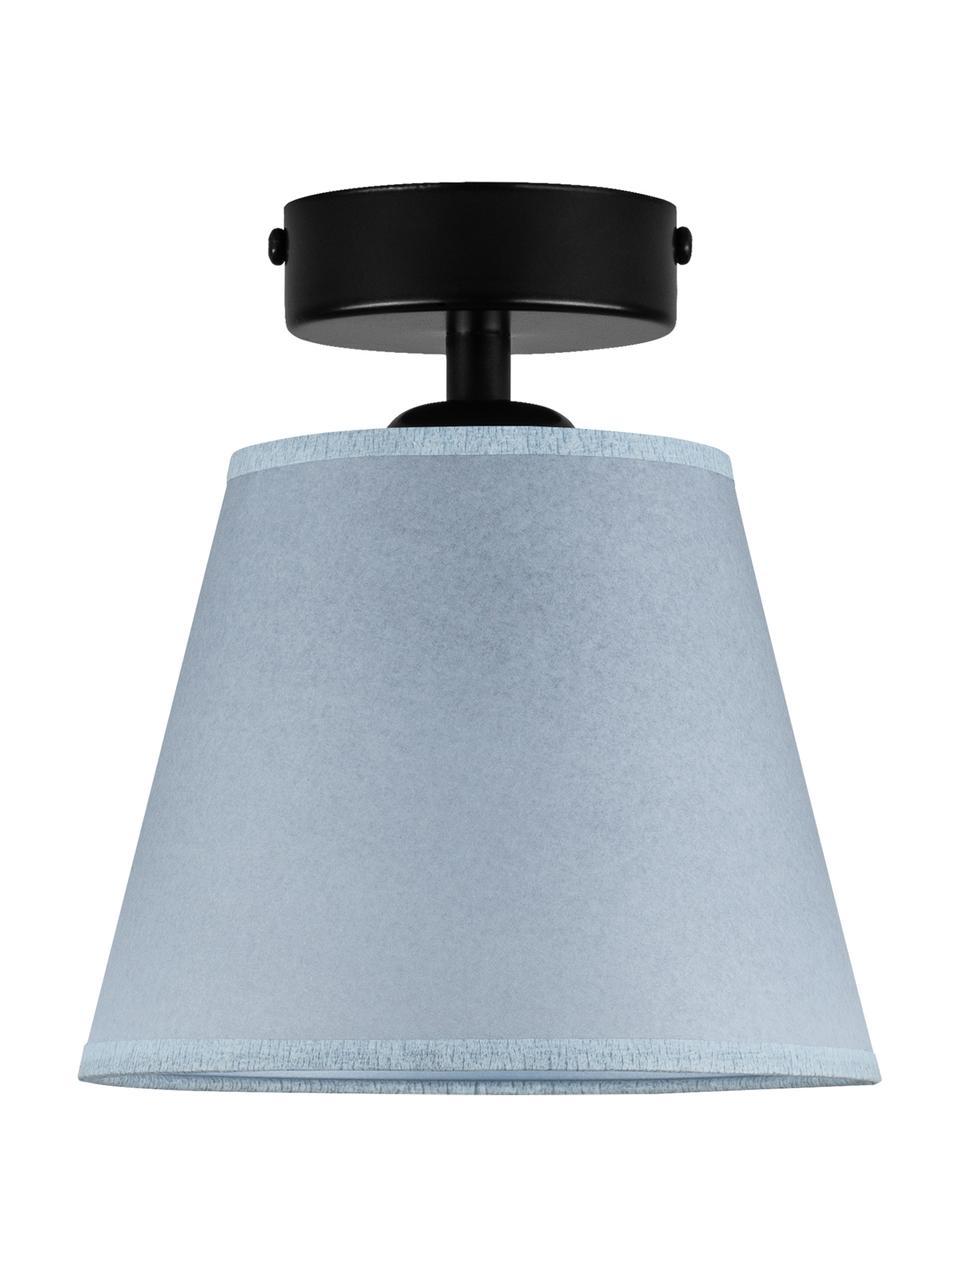 Kleine Deckenleuchte Iro aus Papier, Lampenschirm: Papier, Baldachin: Metall, pulverbeschichtet, Blau, Schwarz, Ø 16 x H 18 cm